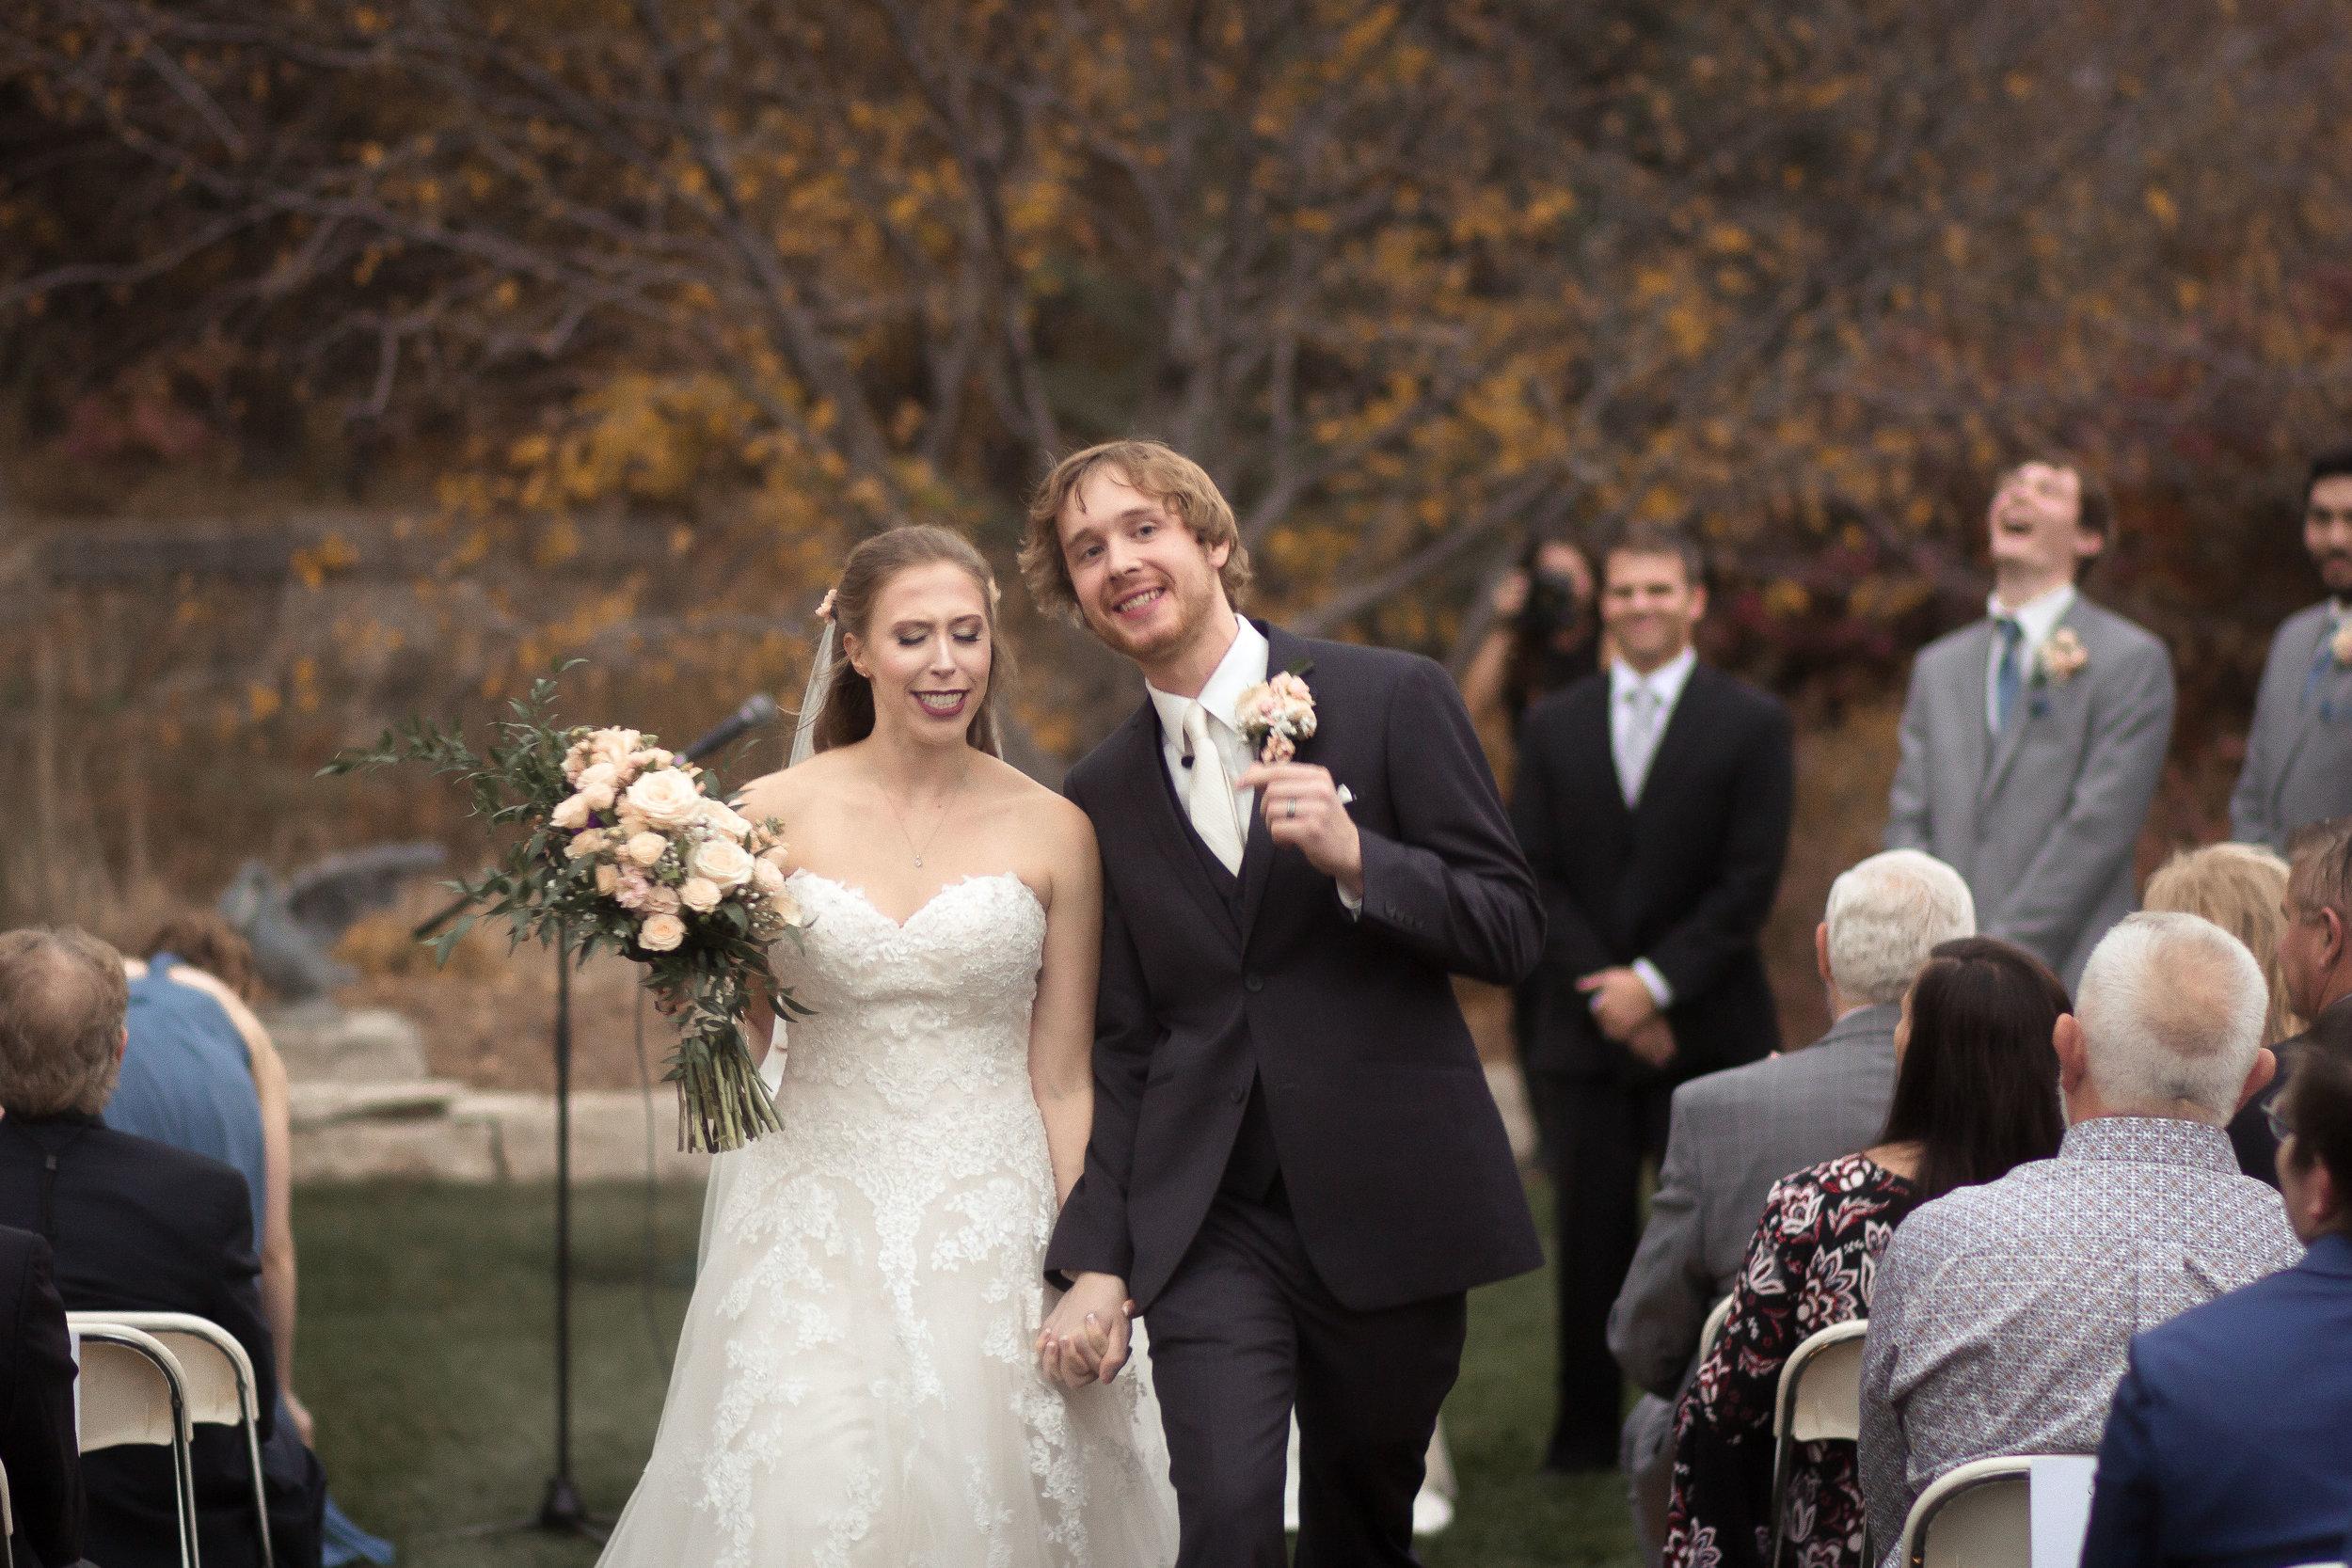 C_Wedding_Spellman, Megan & Tyler_10.27.18-1507.JPG